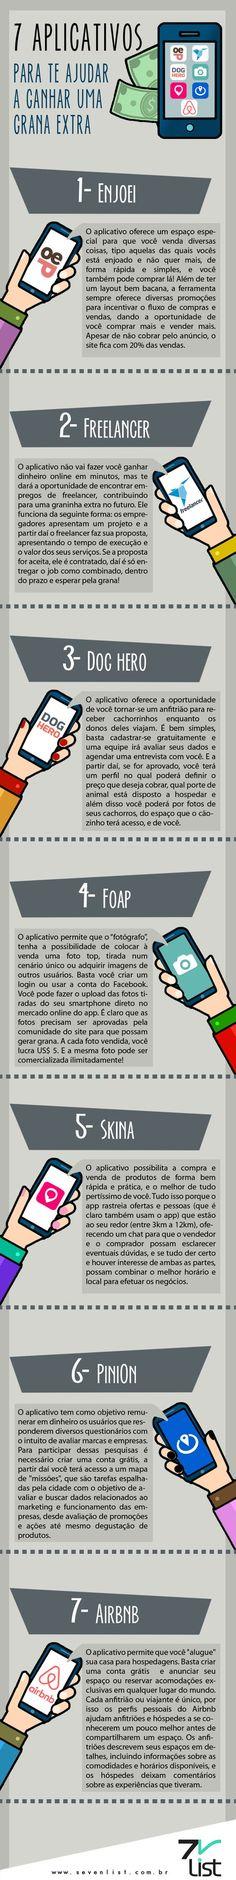 #infográfico #infographic #design #aplicativos #celular #smartphone #ganhar…